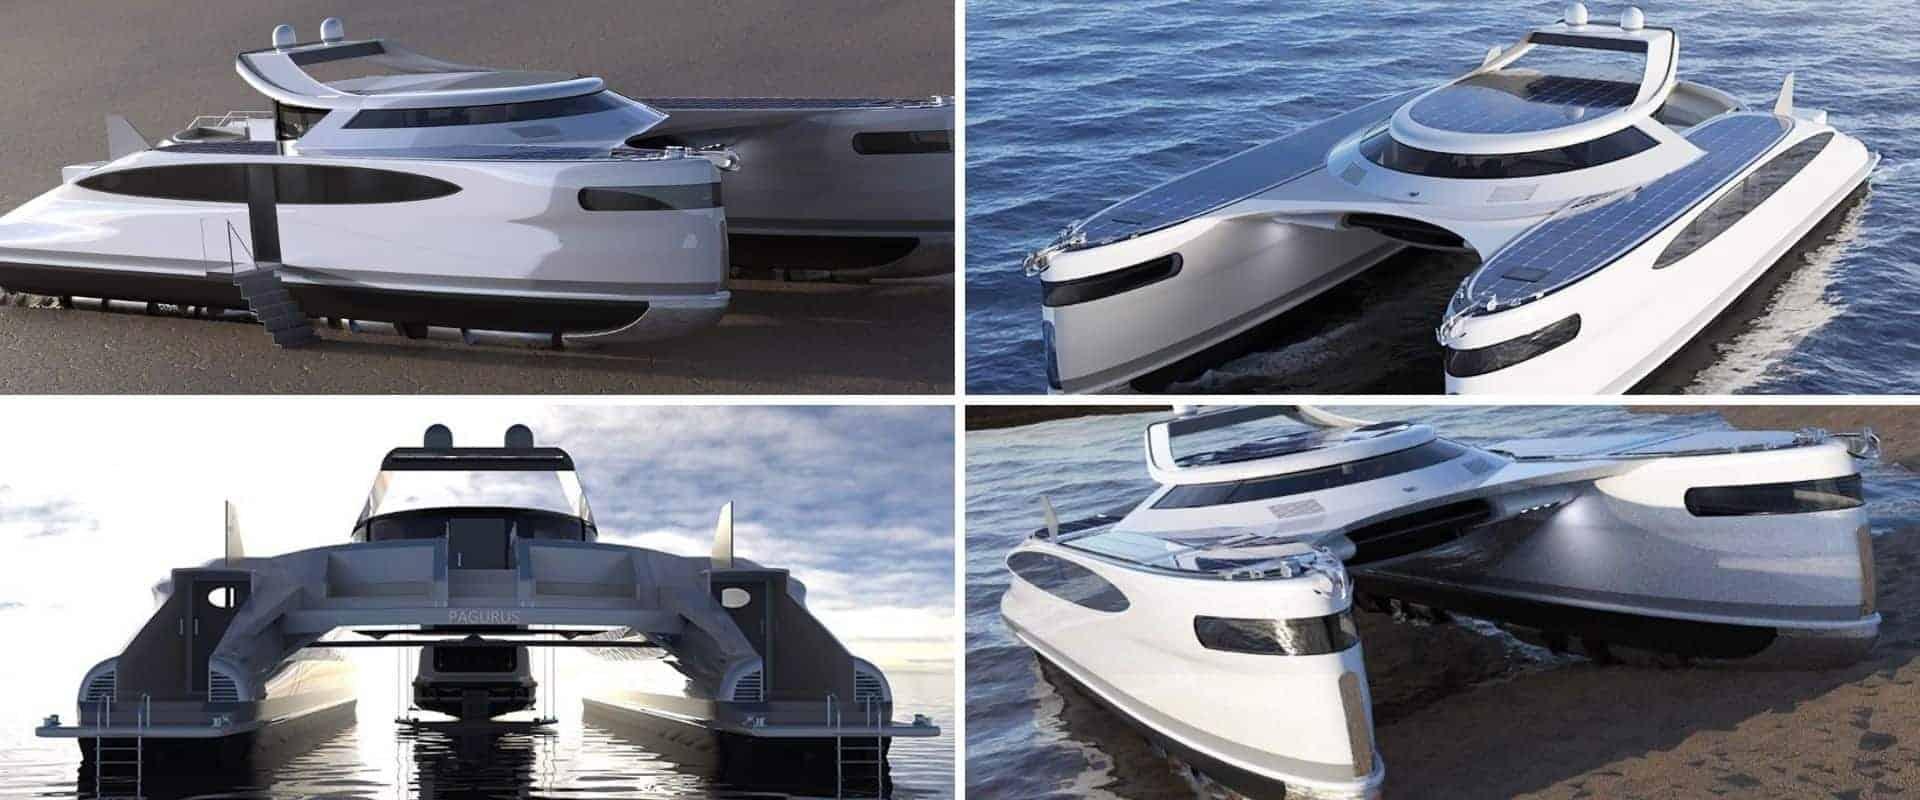 Diseñan un catamarán de 25 metros de largo, que se traslada por agua y por tierra y funciona con energía renovable